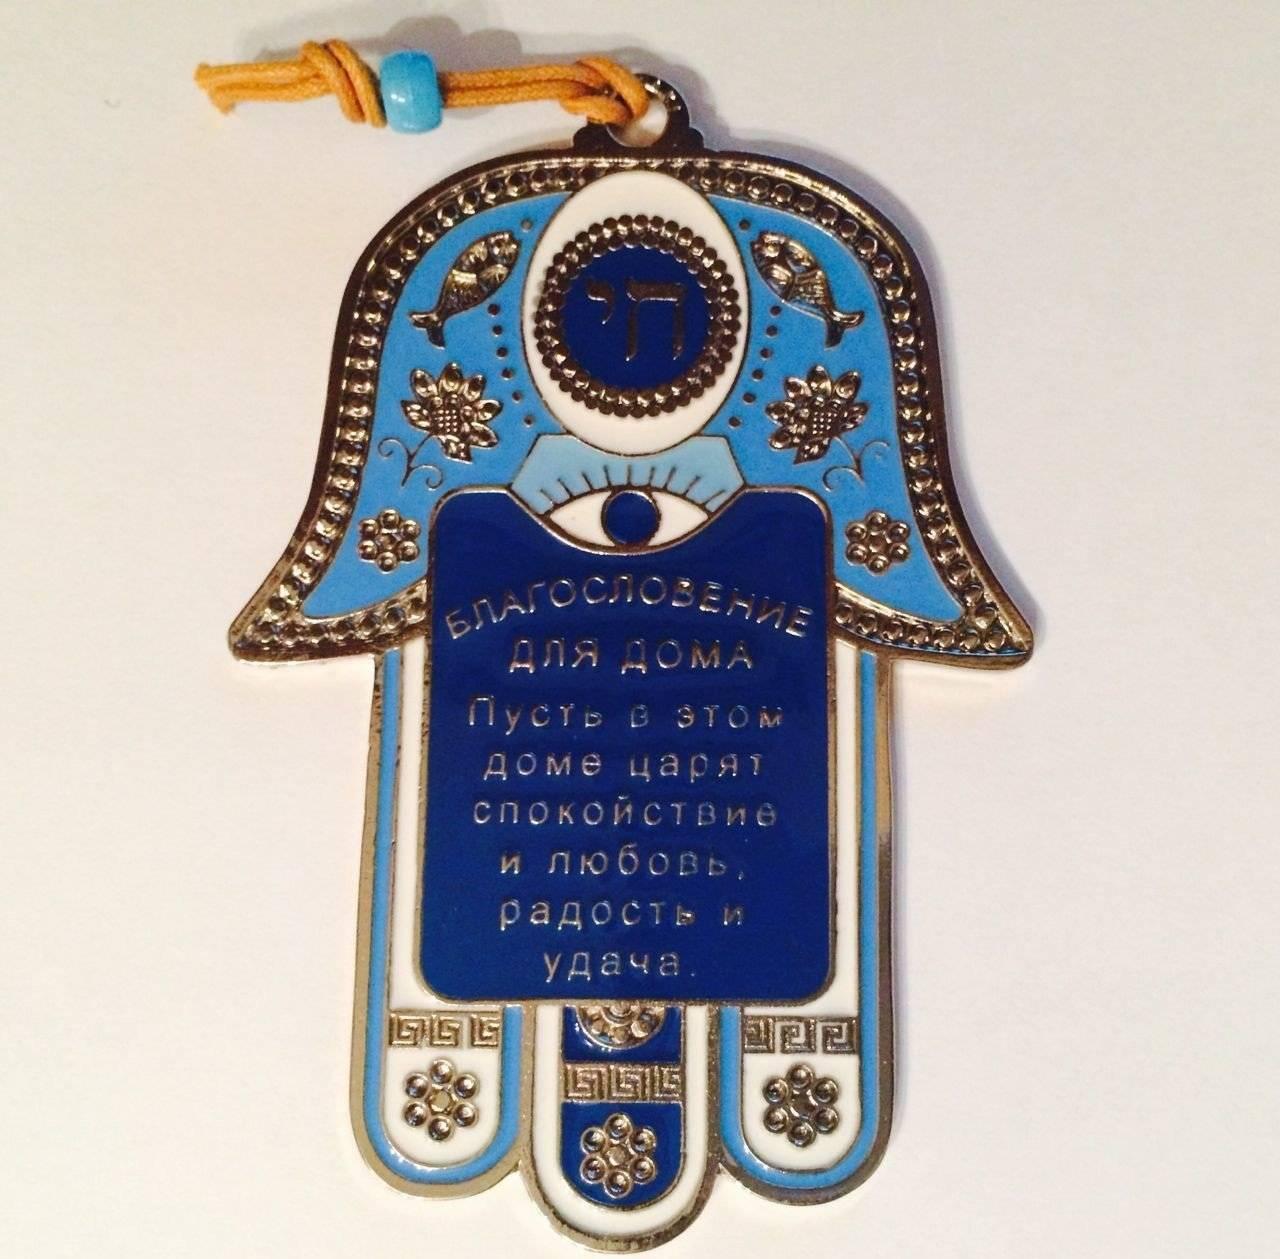 Еврейская хамса или рука фатимы — можно ли носить православным и не является это грехом